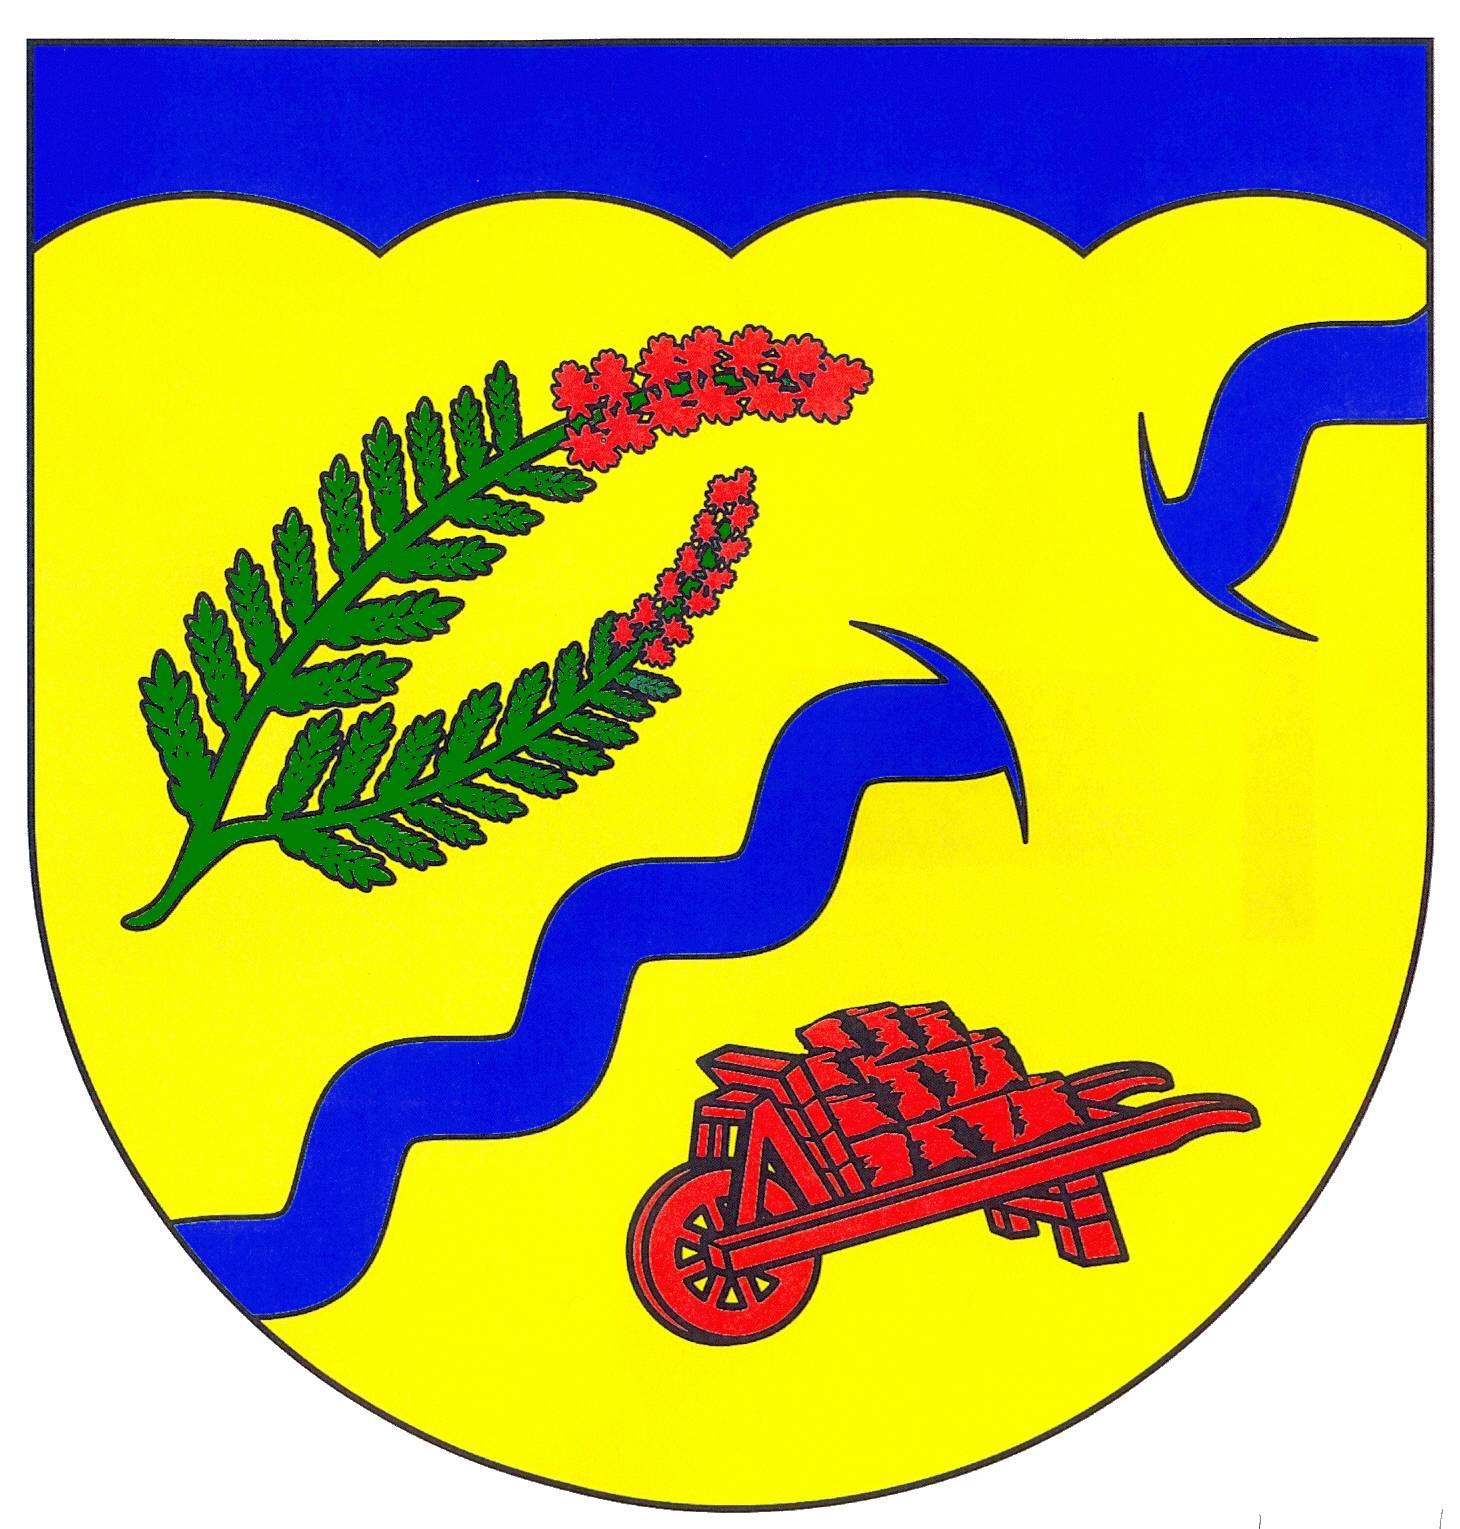 Wappen GemeindeLöwenstedt, Kreis Nordfriesland